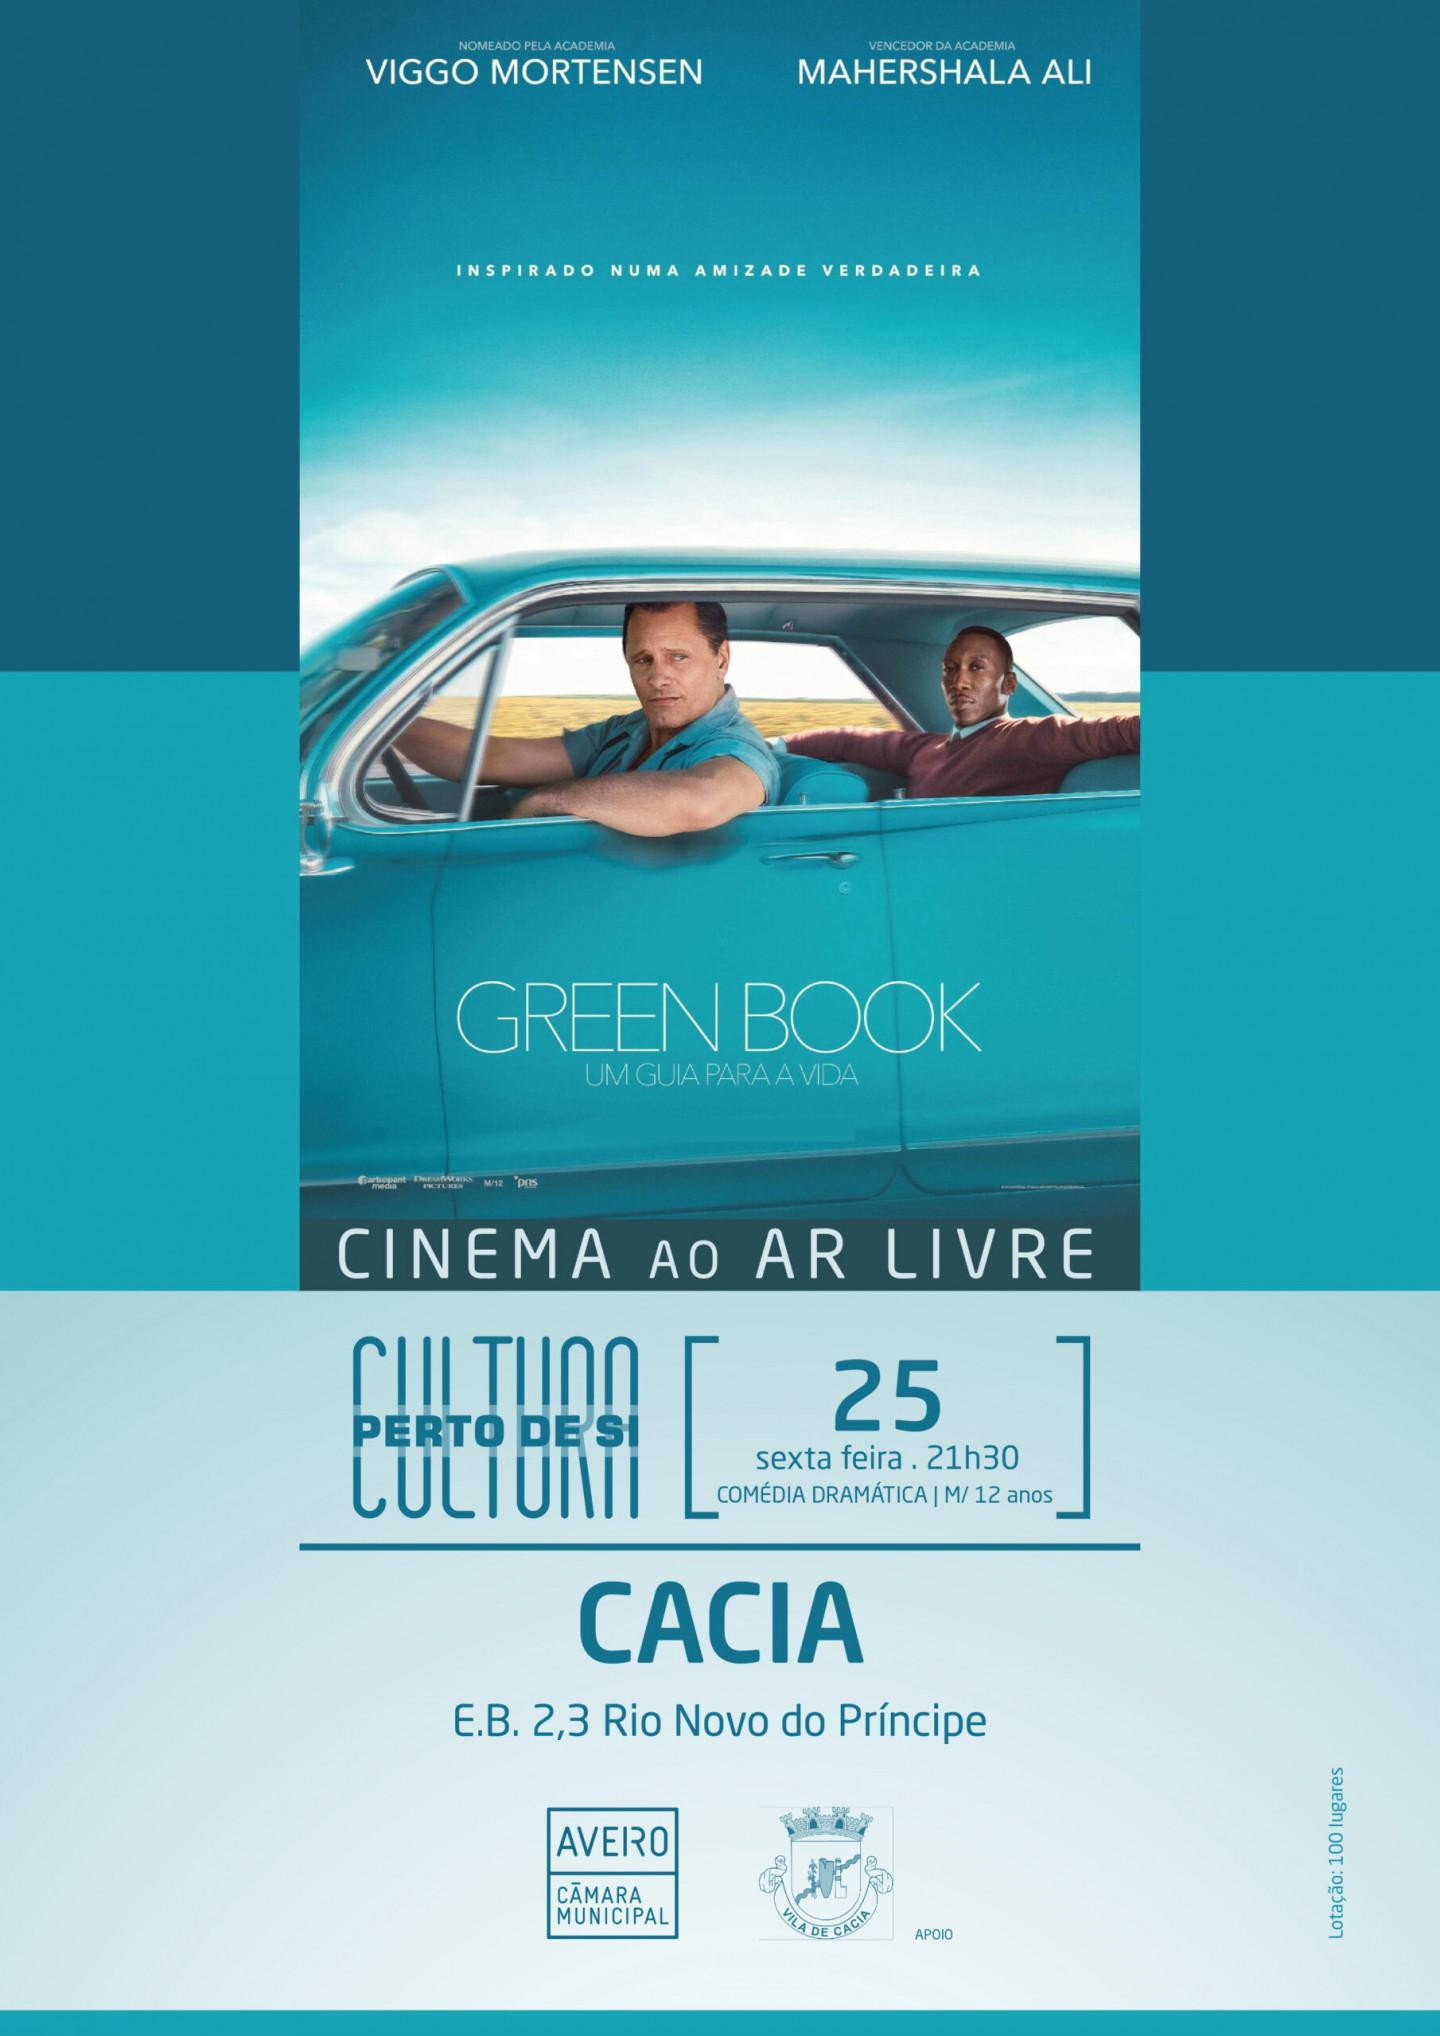 CULTURA_PERTO_DE_SI_STA_CINEMA_CACIA-01